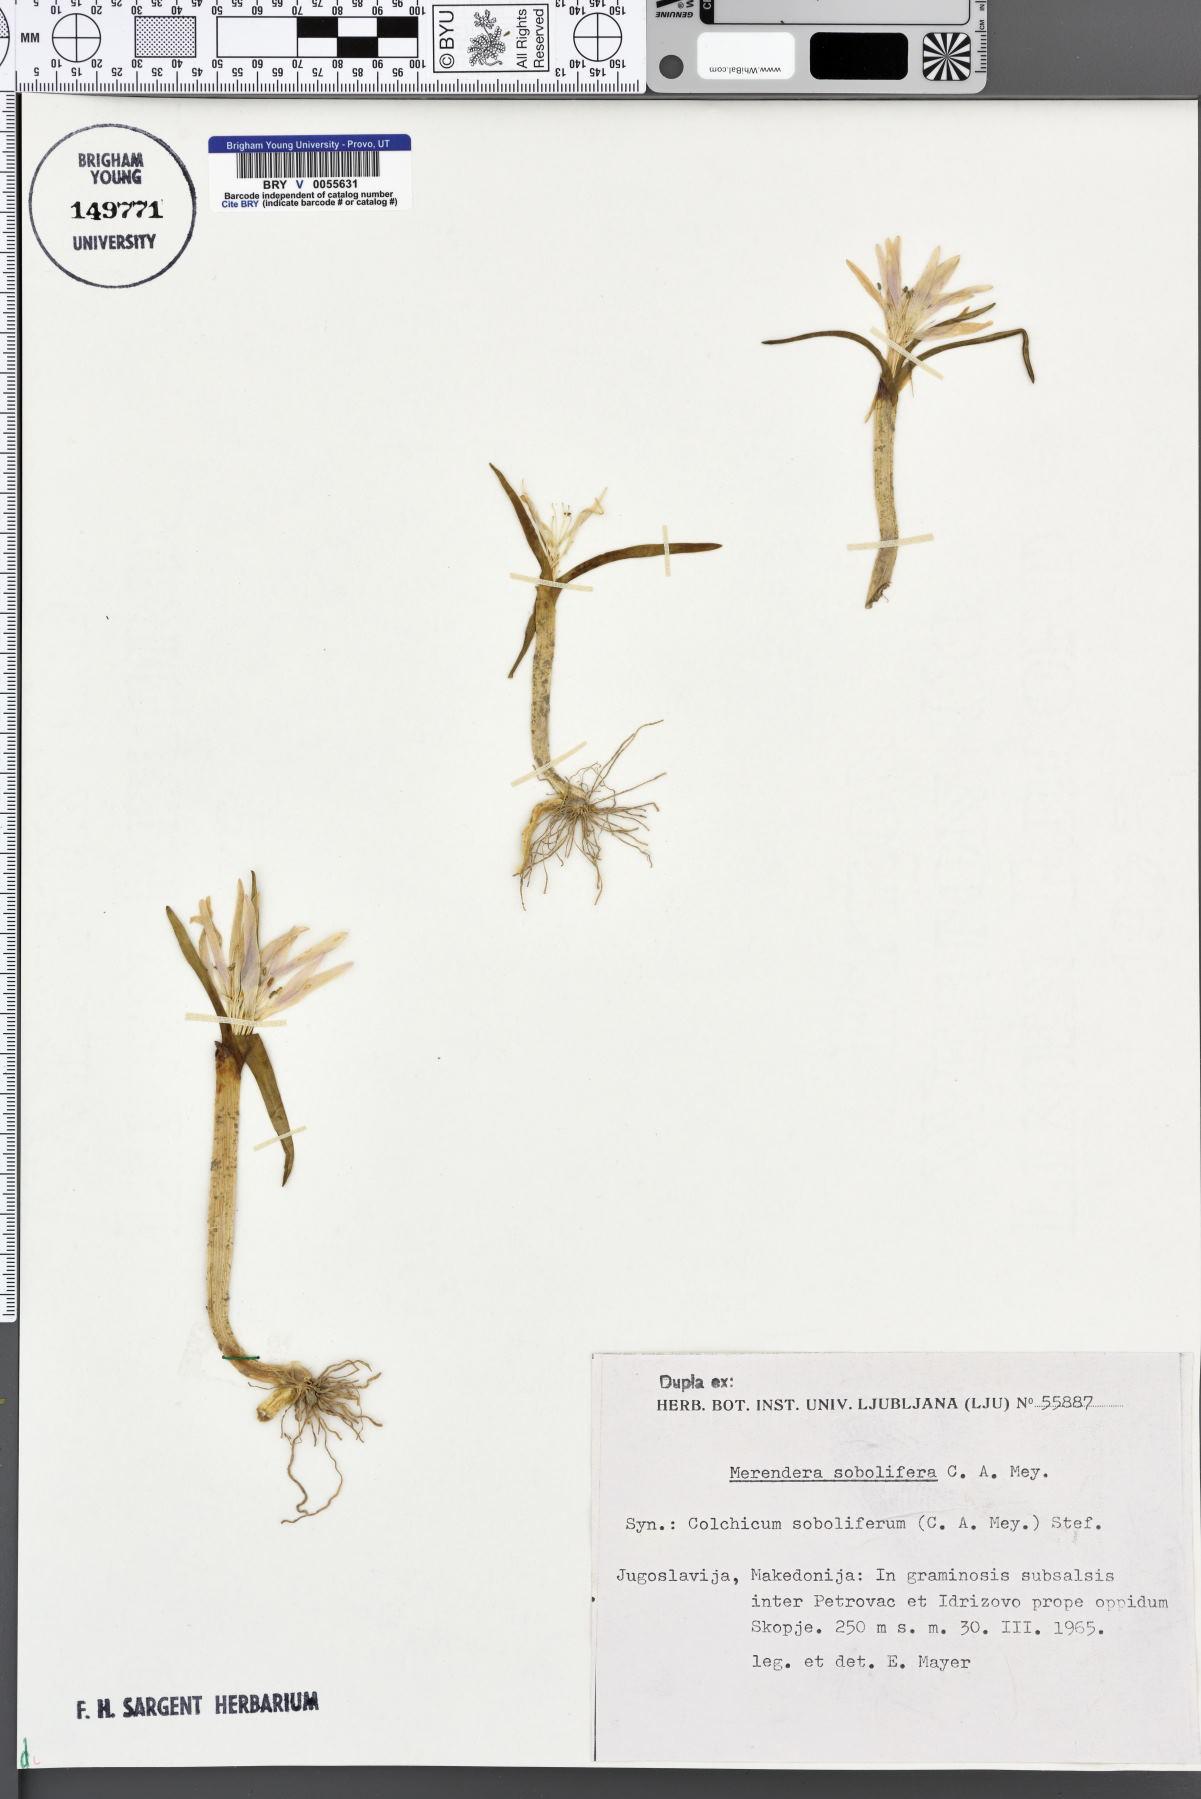 Colchicum soboliferum image